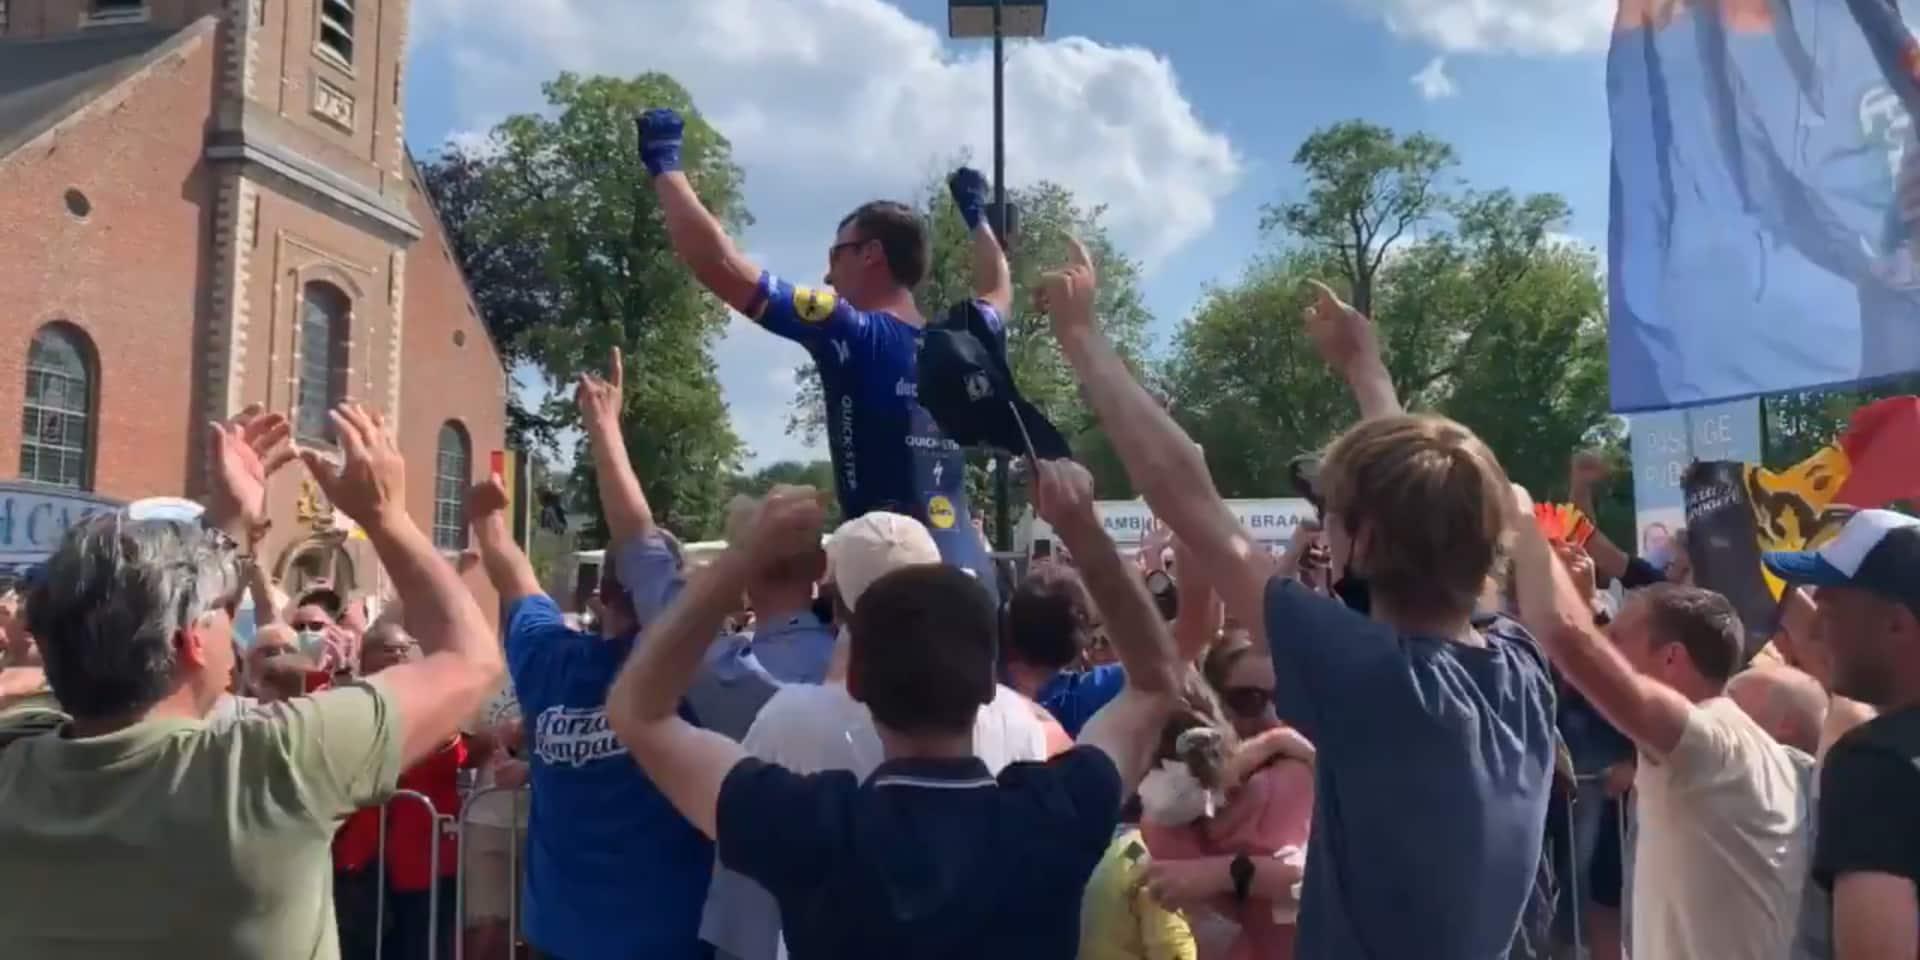 Les images de fête incroyables après le titre de champion de Belgique de Lampaert (VIDEO)